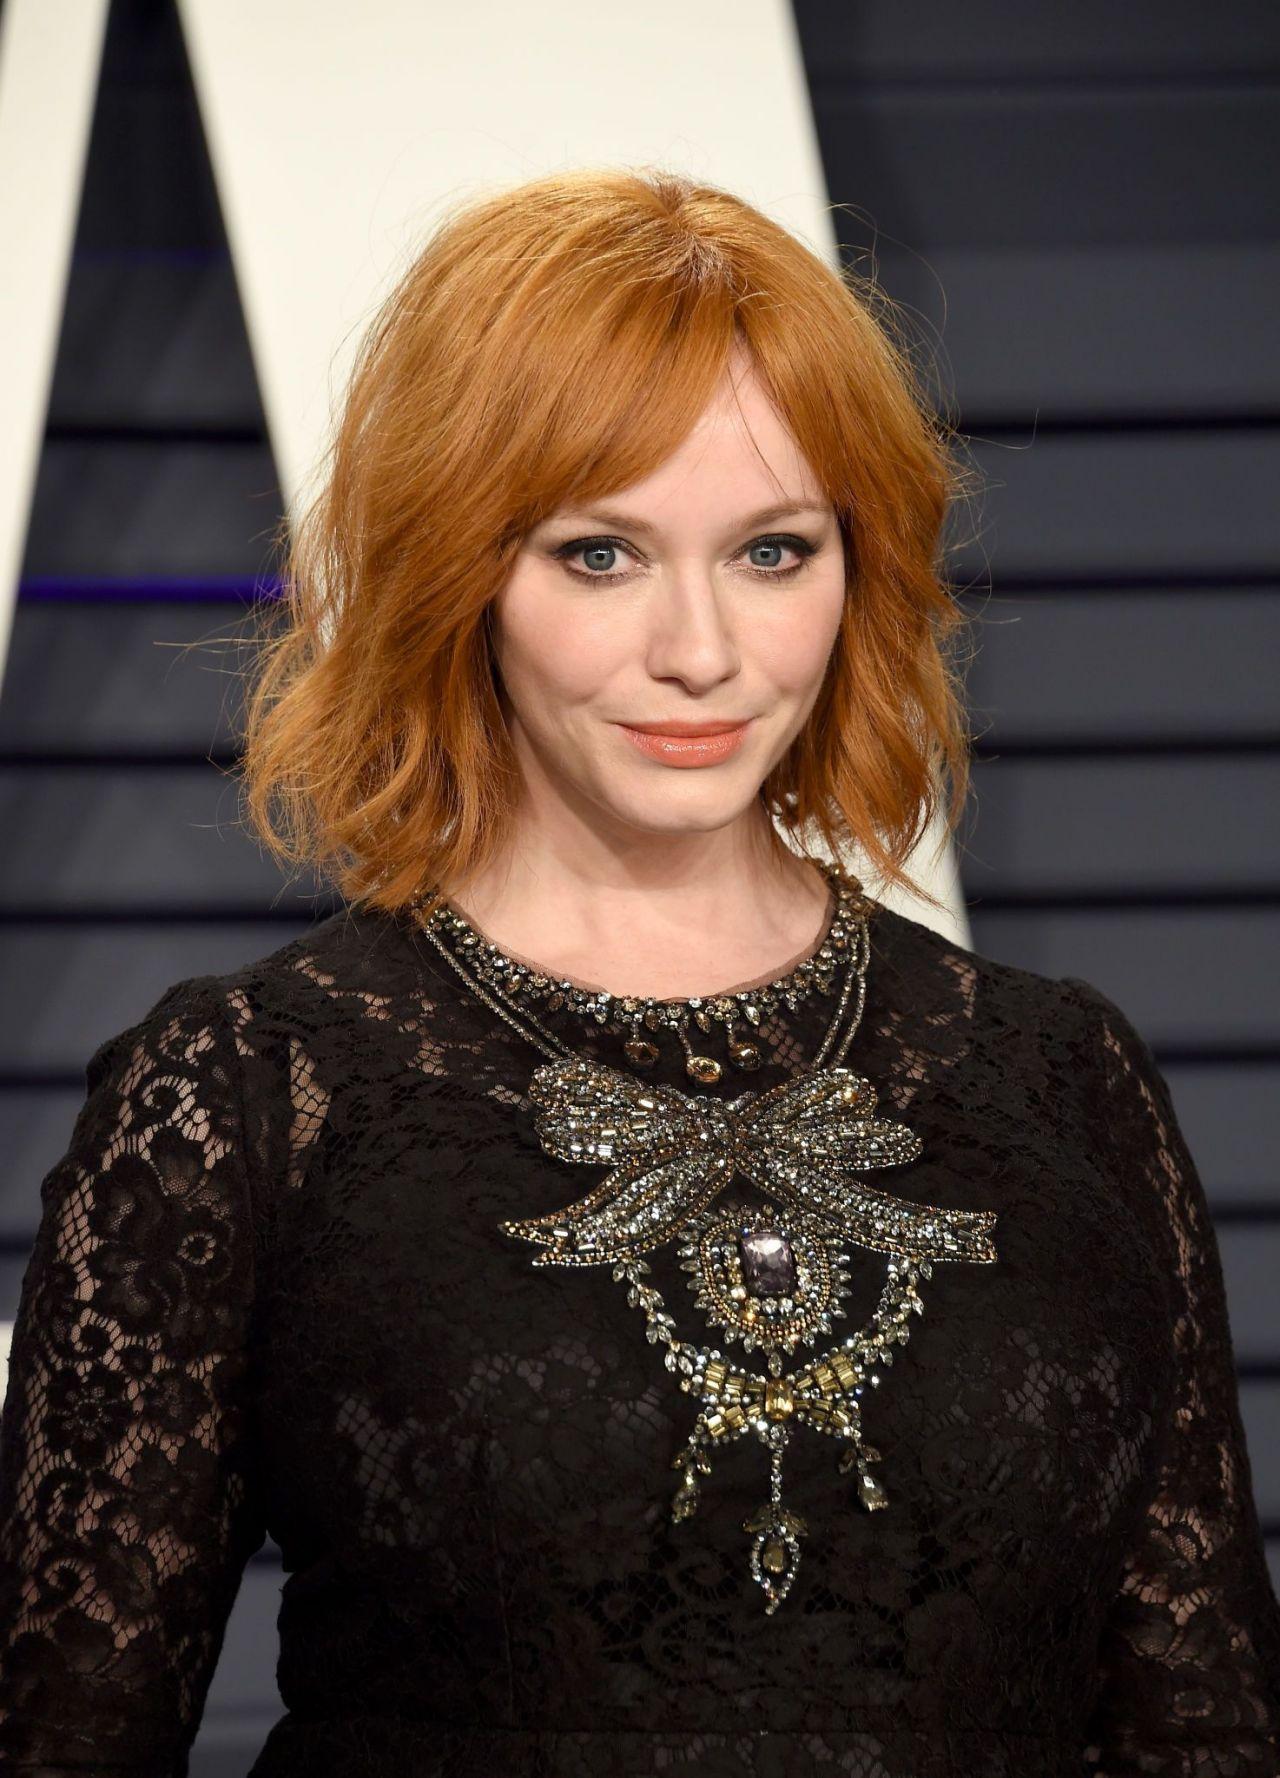 Christina Hendricks 2019 Vanity Fair Oscar Party